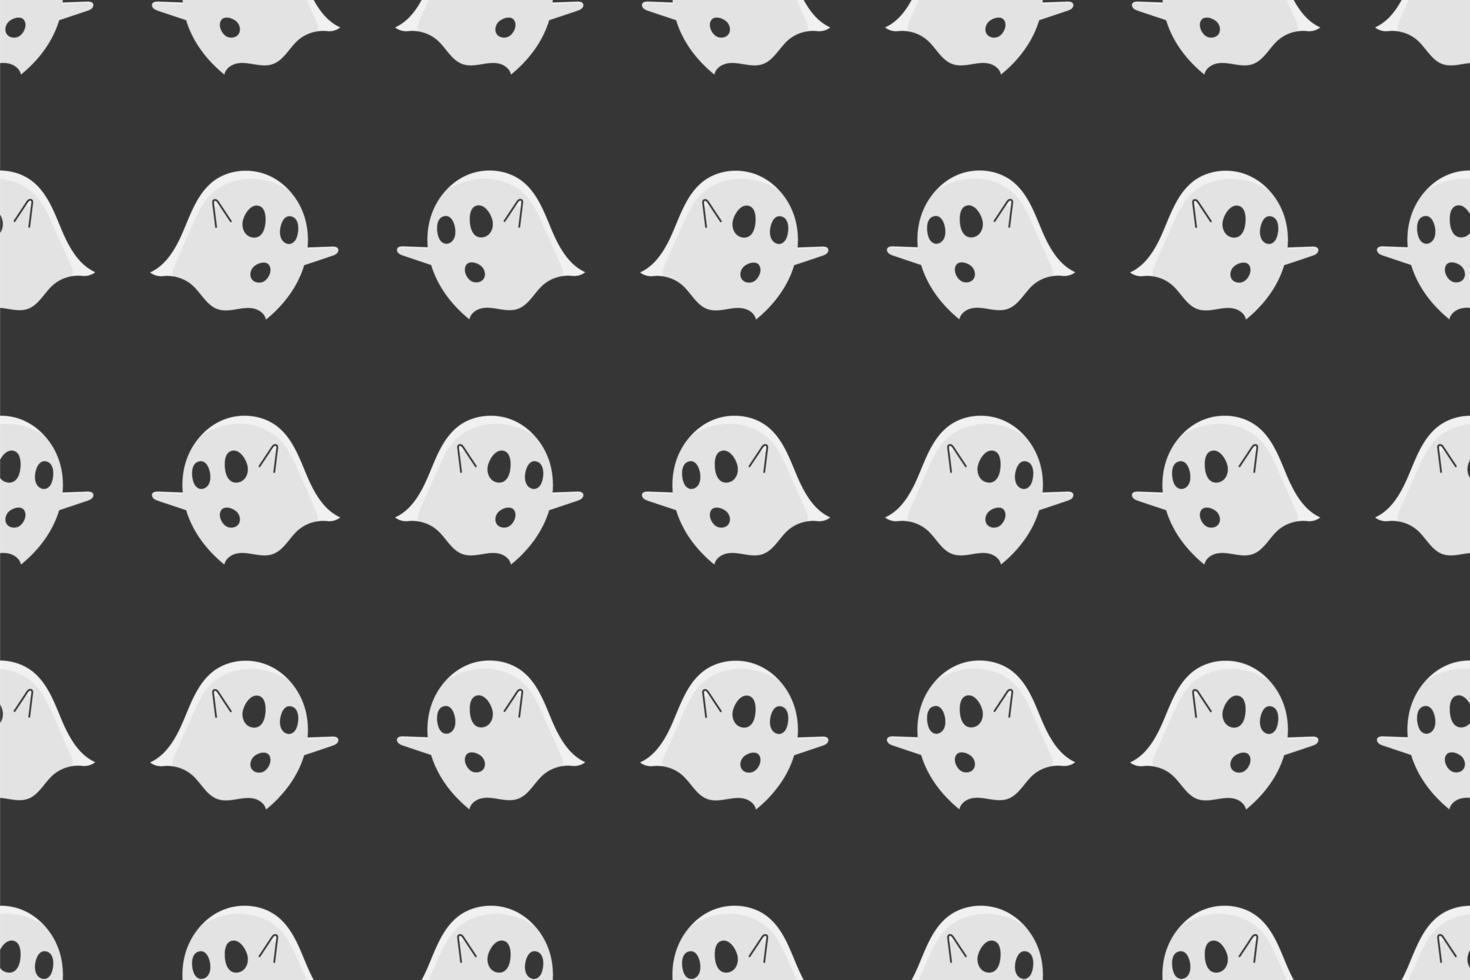 fantasma senza cuciture su sfondo nero. vettore